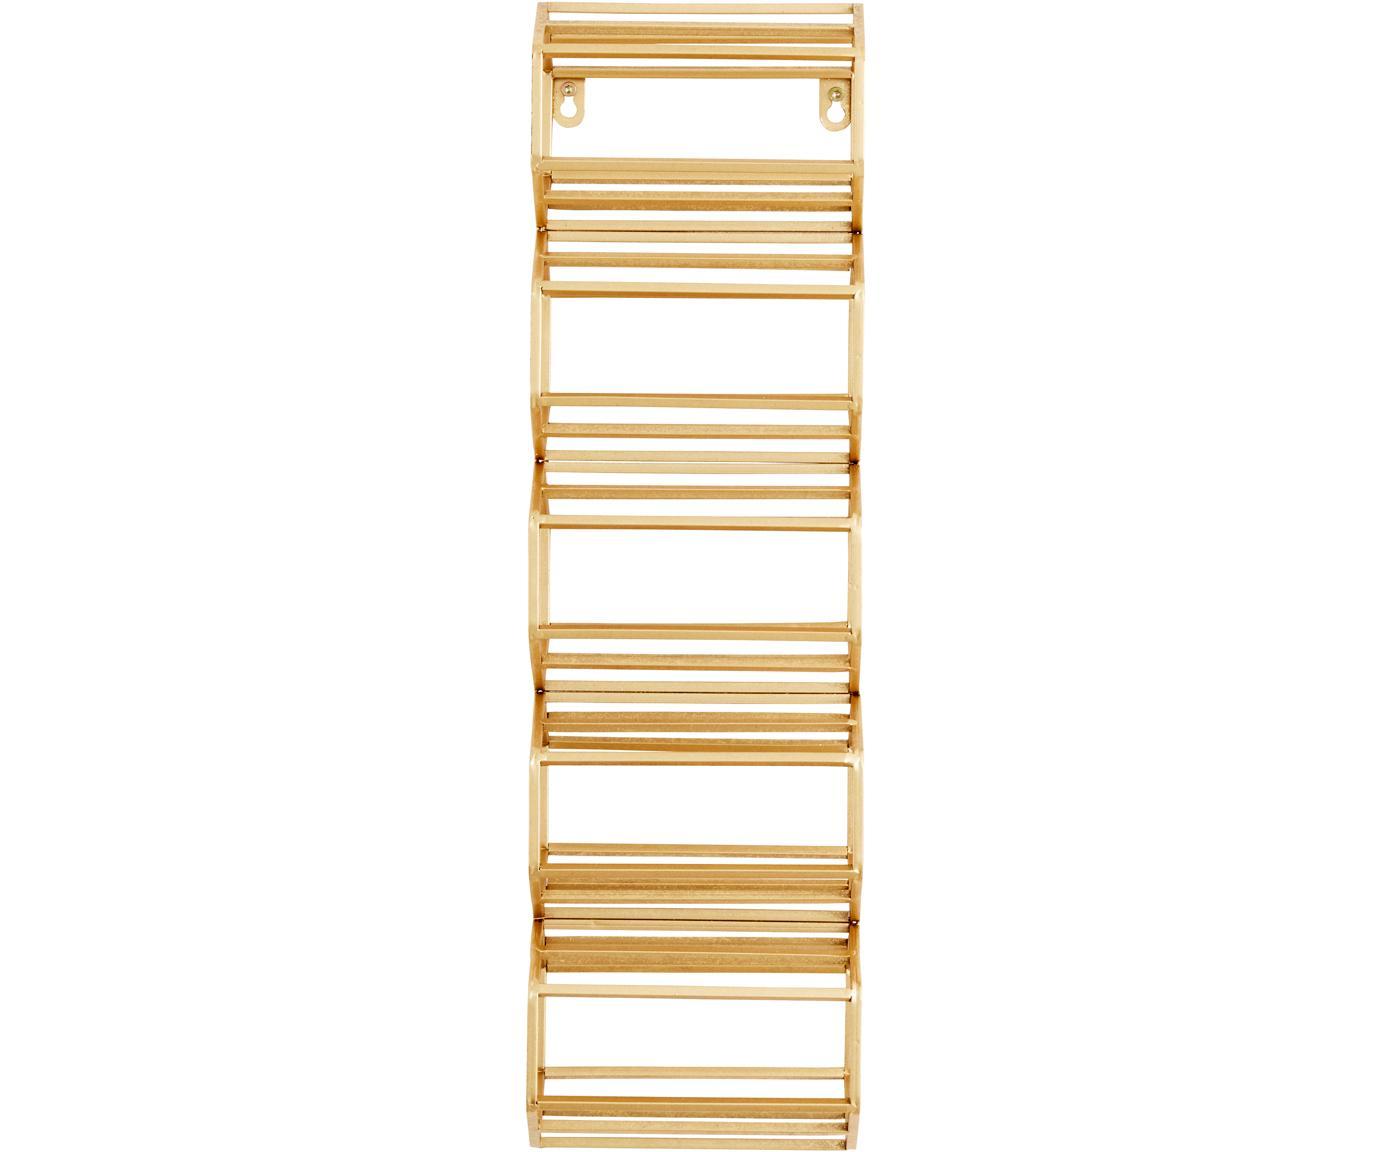 Wandwijnrek Iron, Gelakt metaal, Goudkleurig, 16 x 51 cm